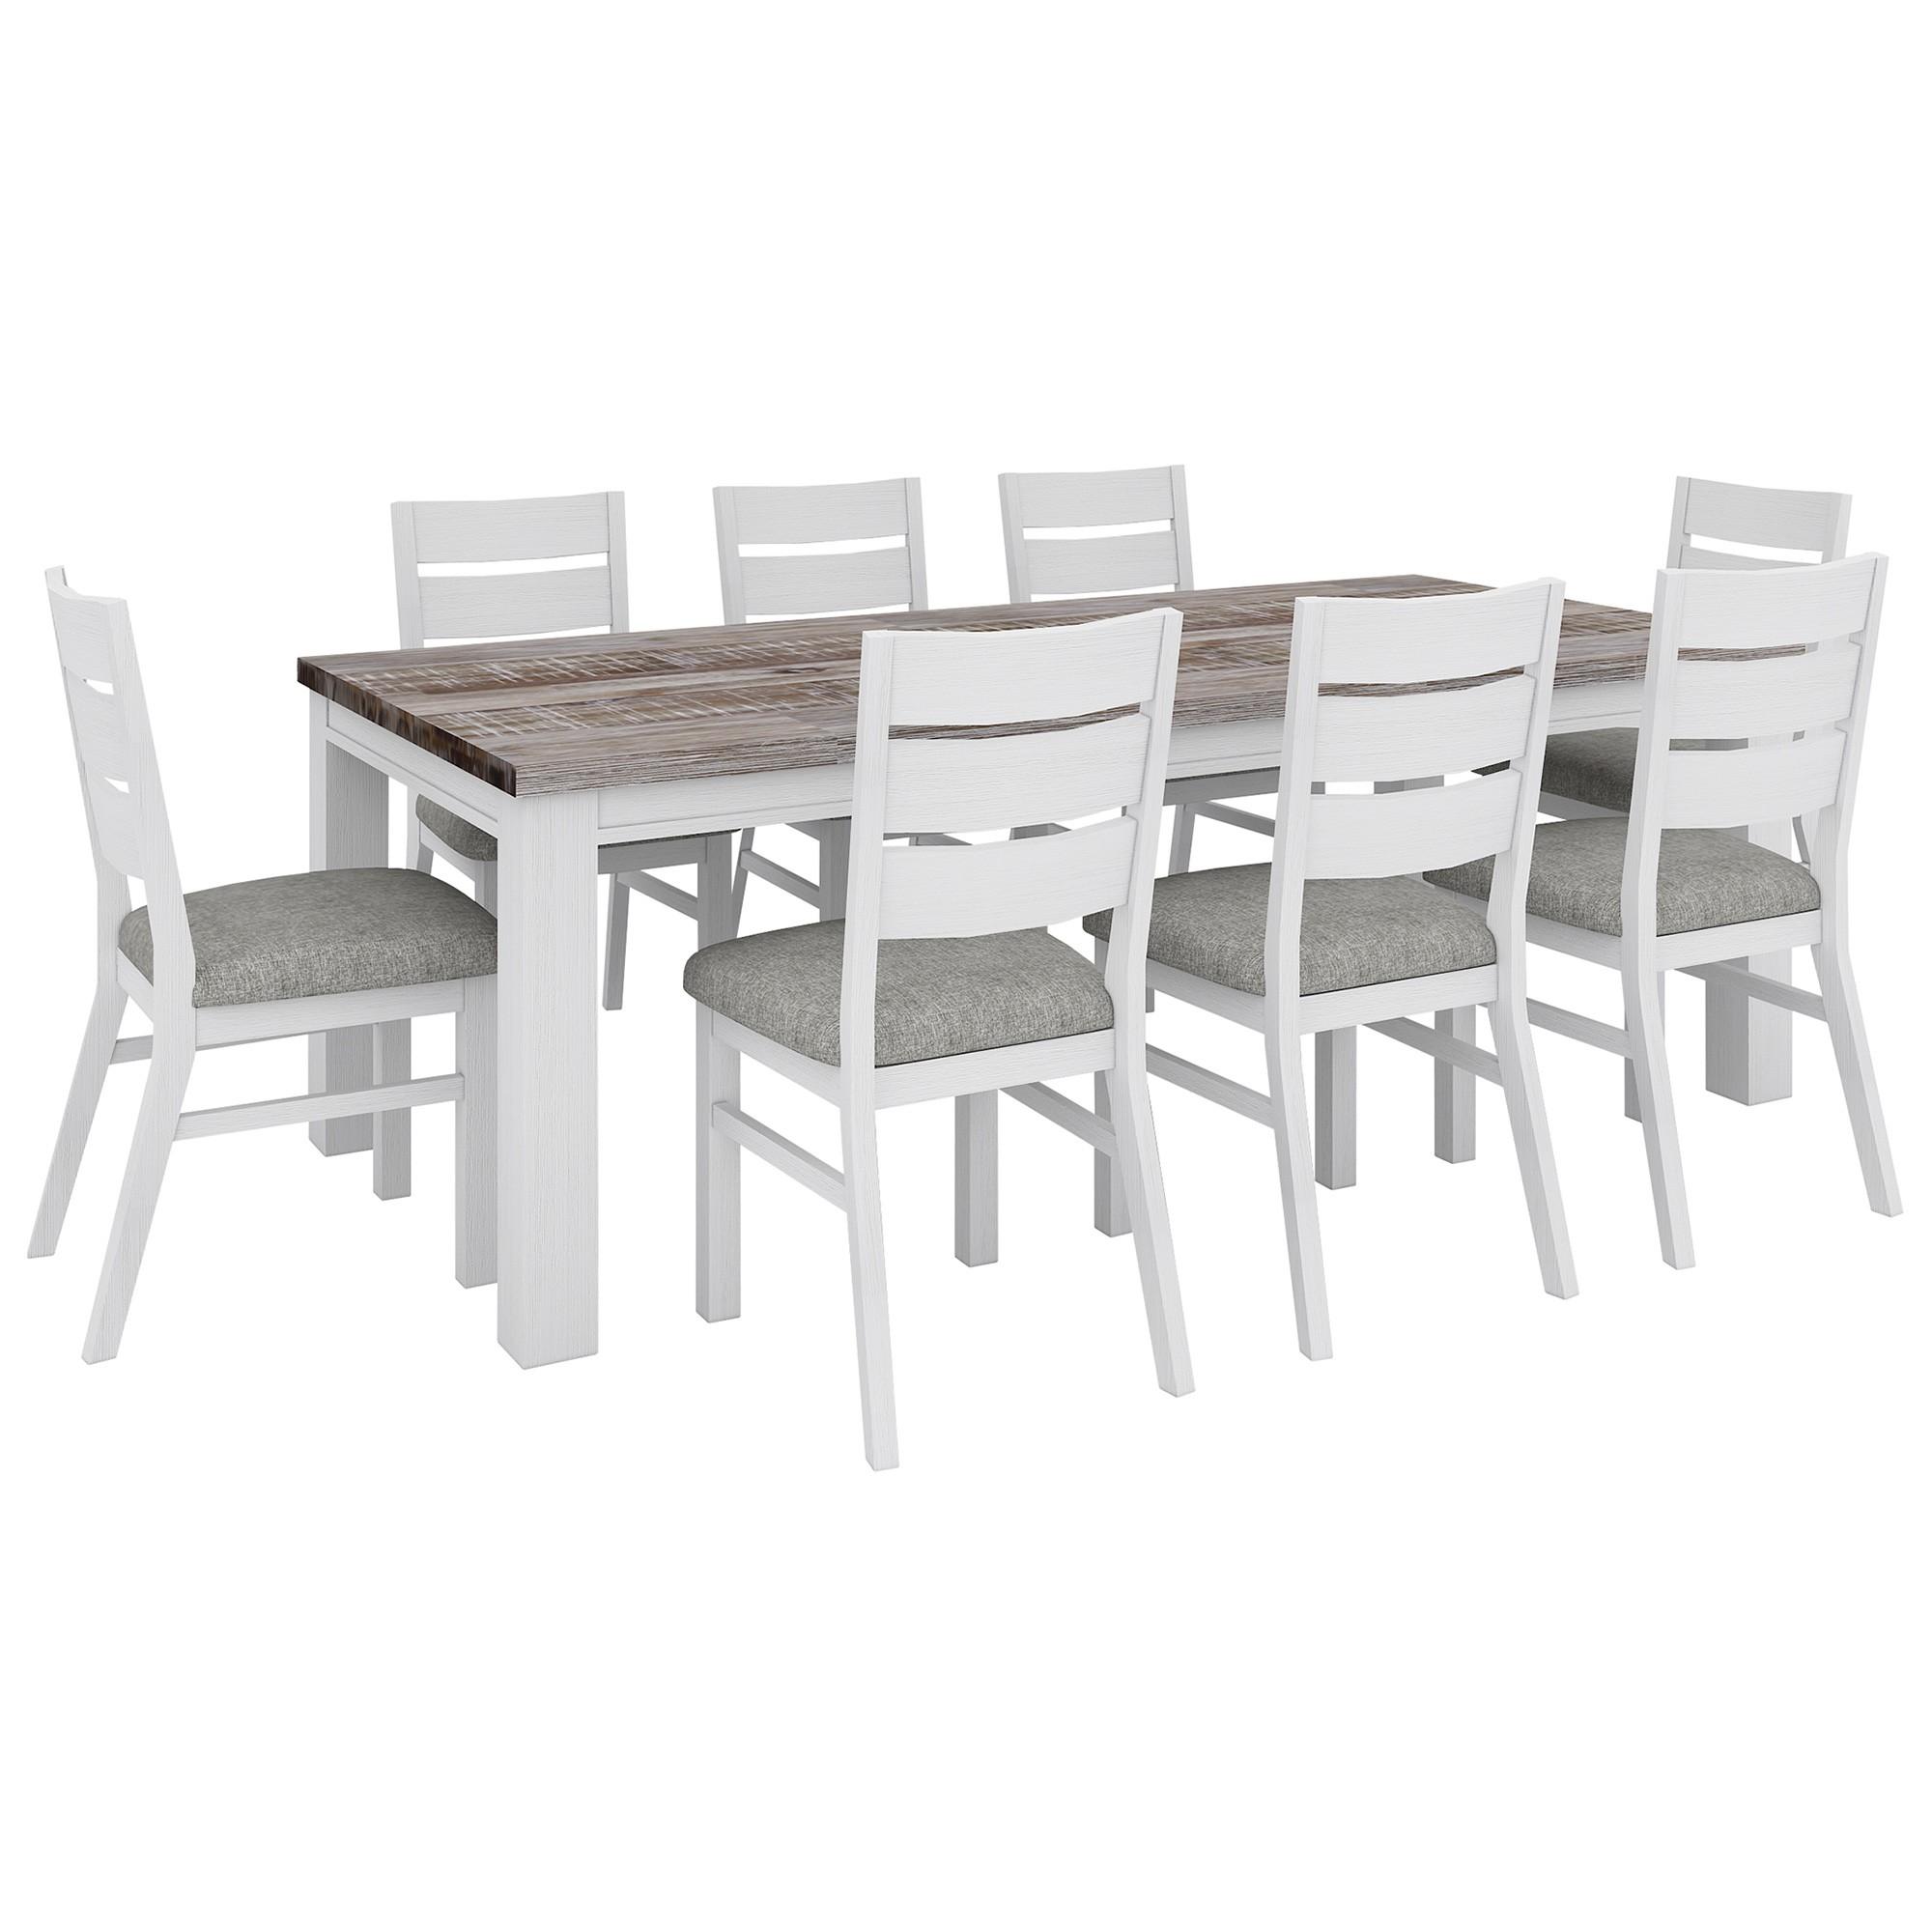 Nordington Acacia Timber 9 Piece Dining Table Set, 225cm